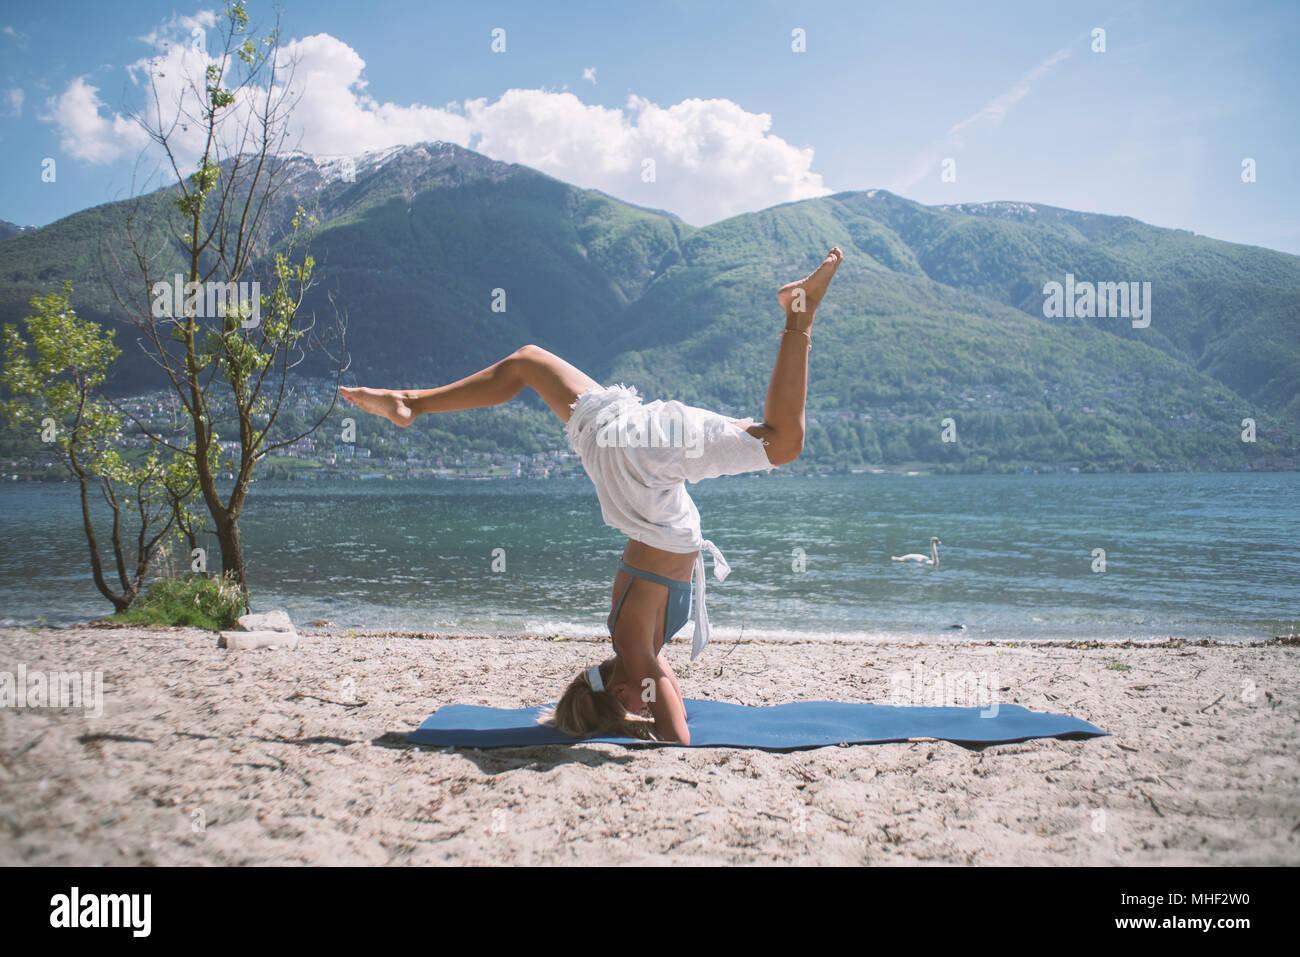 Junge Frau trainieren Yoga durch den See und die Berge, im Kanton Tessin, Schweiz, Europa erschossen. Menschen Entspannung Wohlbefinden Konzept Stockbild